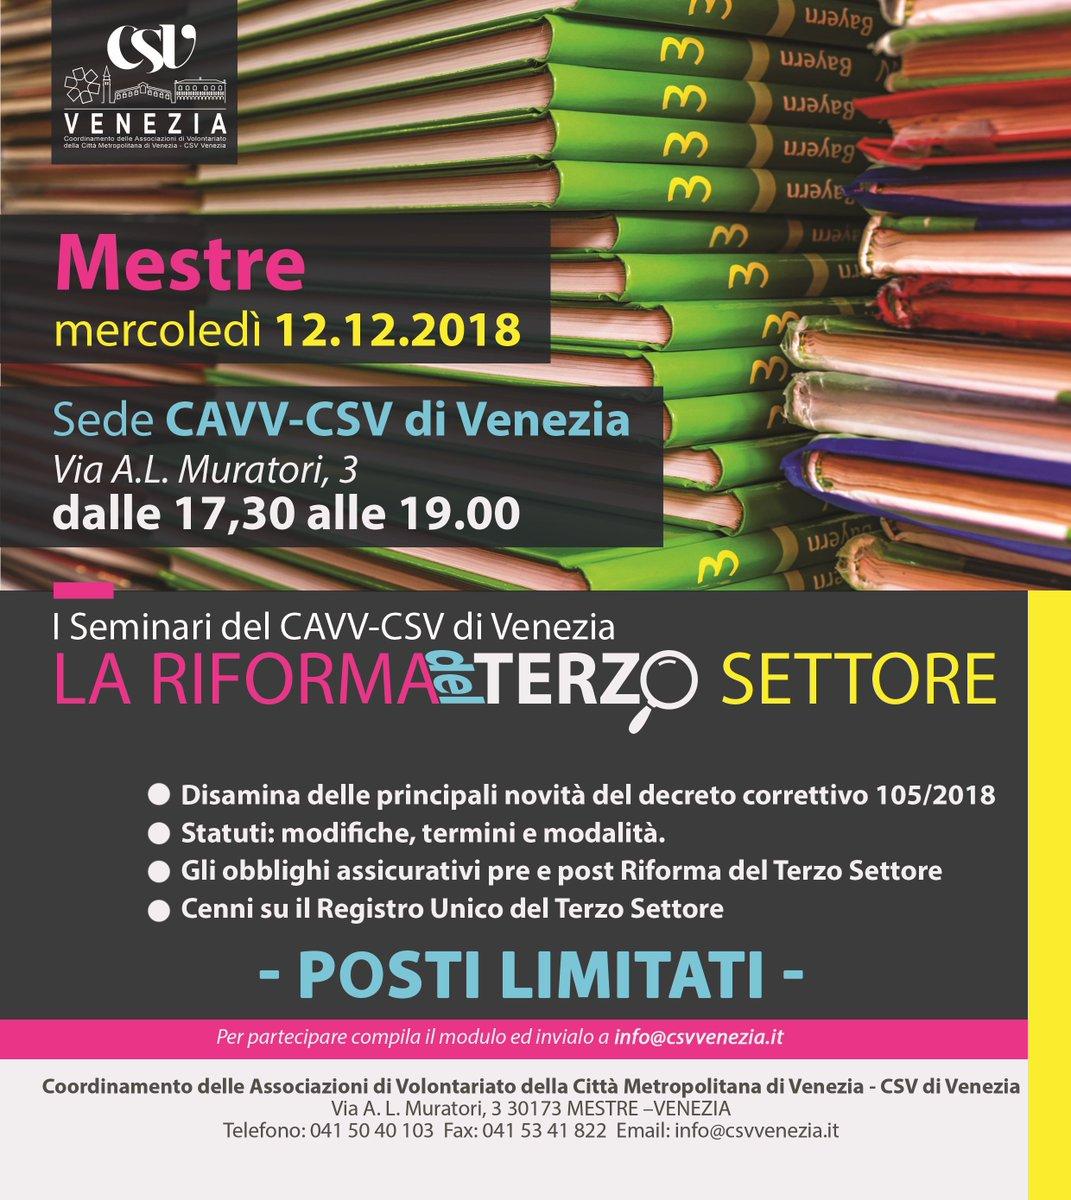 CSV_Venezia photo